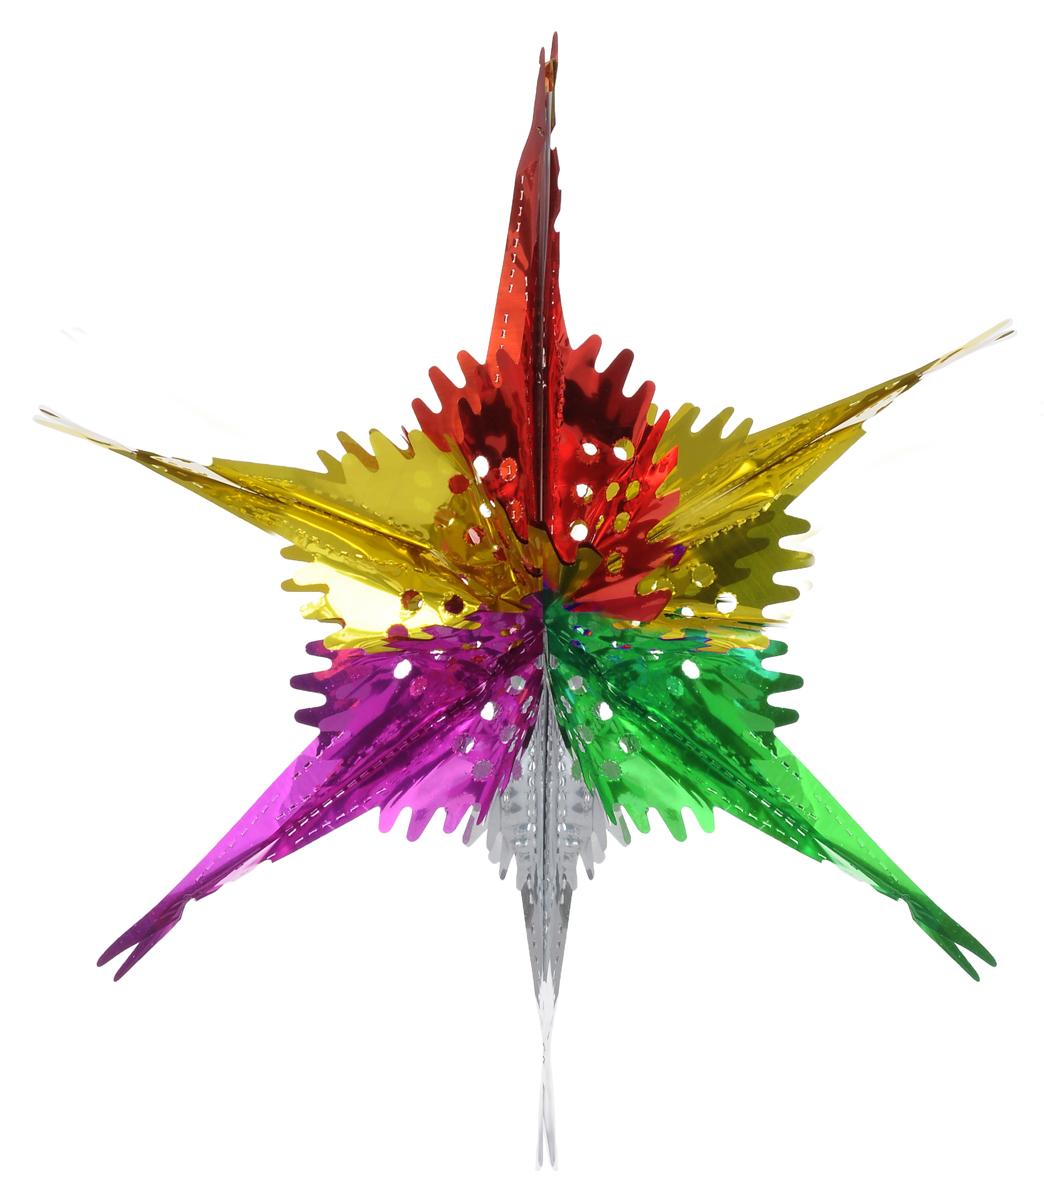 Новогоднее подвесное украшение Феникс-Презент Звезда ажурная, цвет: зеленый, красный, фиолетовый30967Новогоднее украшение Феникс-Презент Звезда ажурная отлично подойдет для декорации вашего дома иновогодней ели. Украшение выполнено из ПЭТ (полиэтилентерефталата) в форме многогранной разноцветнойзвезды. С помощью специальной петельки звезду можно повеситьв любом понравившемся вам месте. Украшение легко складывается ираскладывается благодаря металлическим кольцам.Новогодние украшения несут в себе волшебство и красоту праздника. Онипомогут вам украсить дом к предстоящим праздникам и оживить интерьер повашему вкусу. Создайте в доме атмосферу тепла, веселья и радости, украшая еговсей семьей.